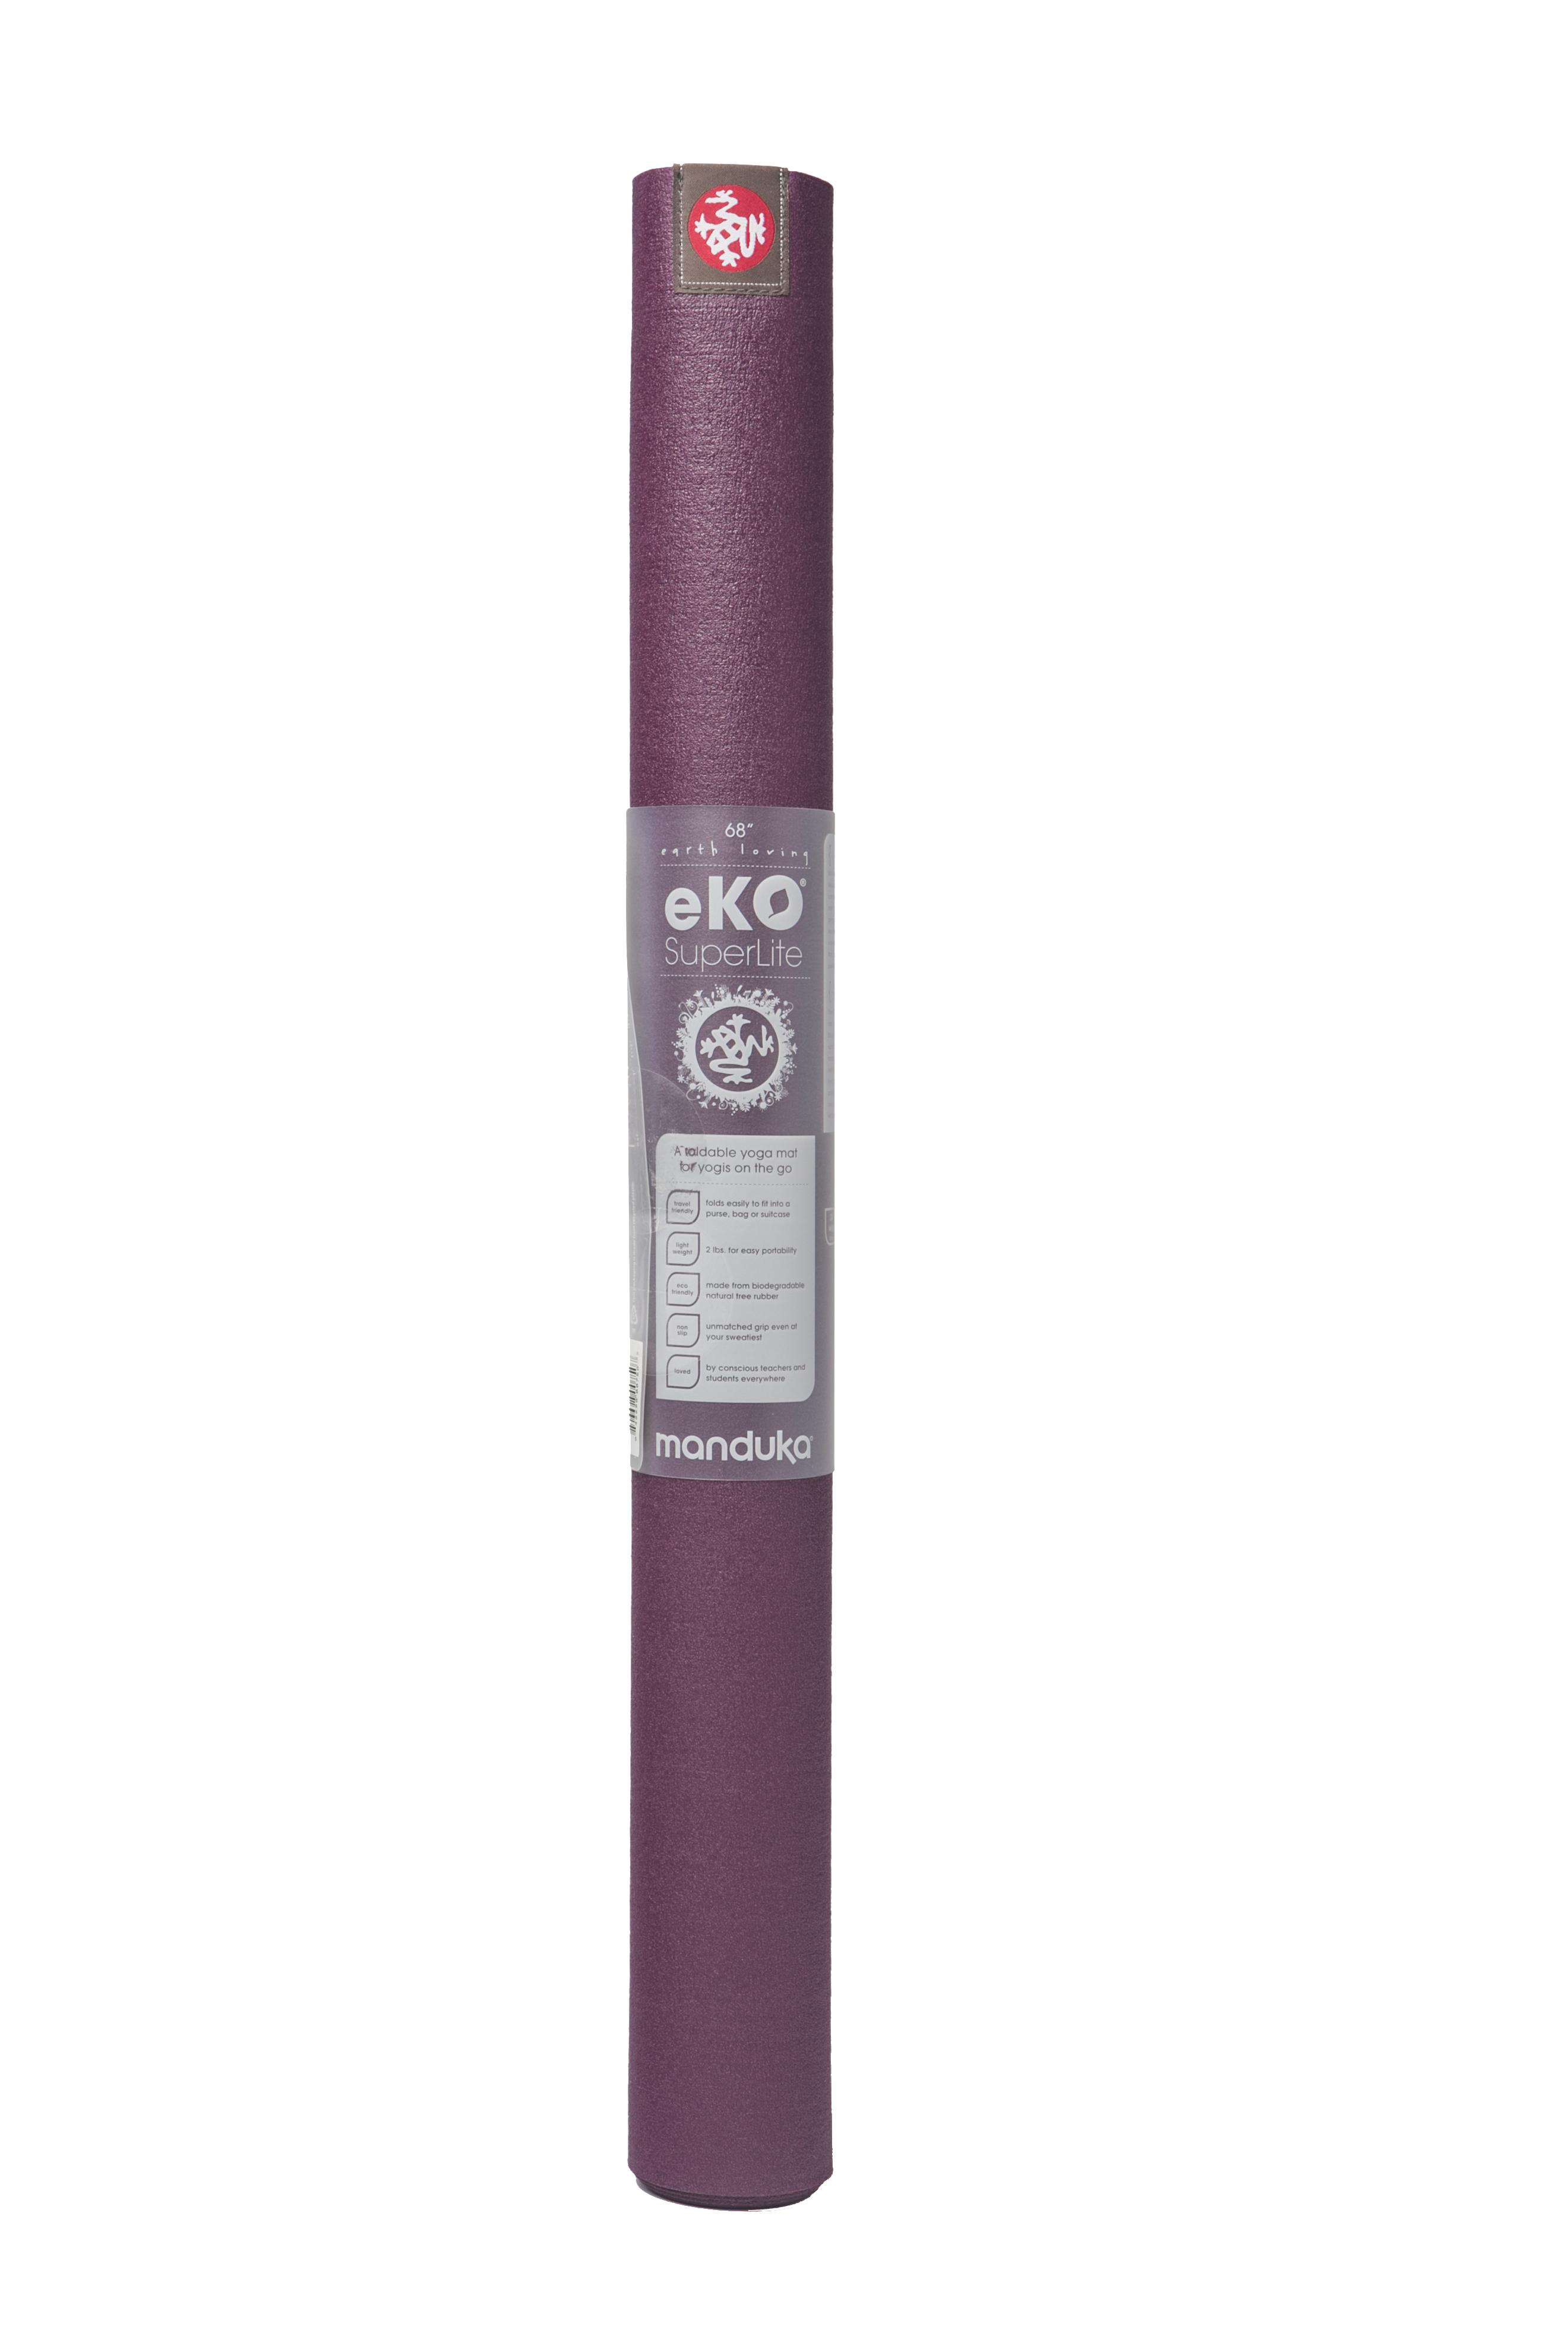 Manduka Eko Superlite 1 5mm Yoga Mat